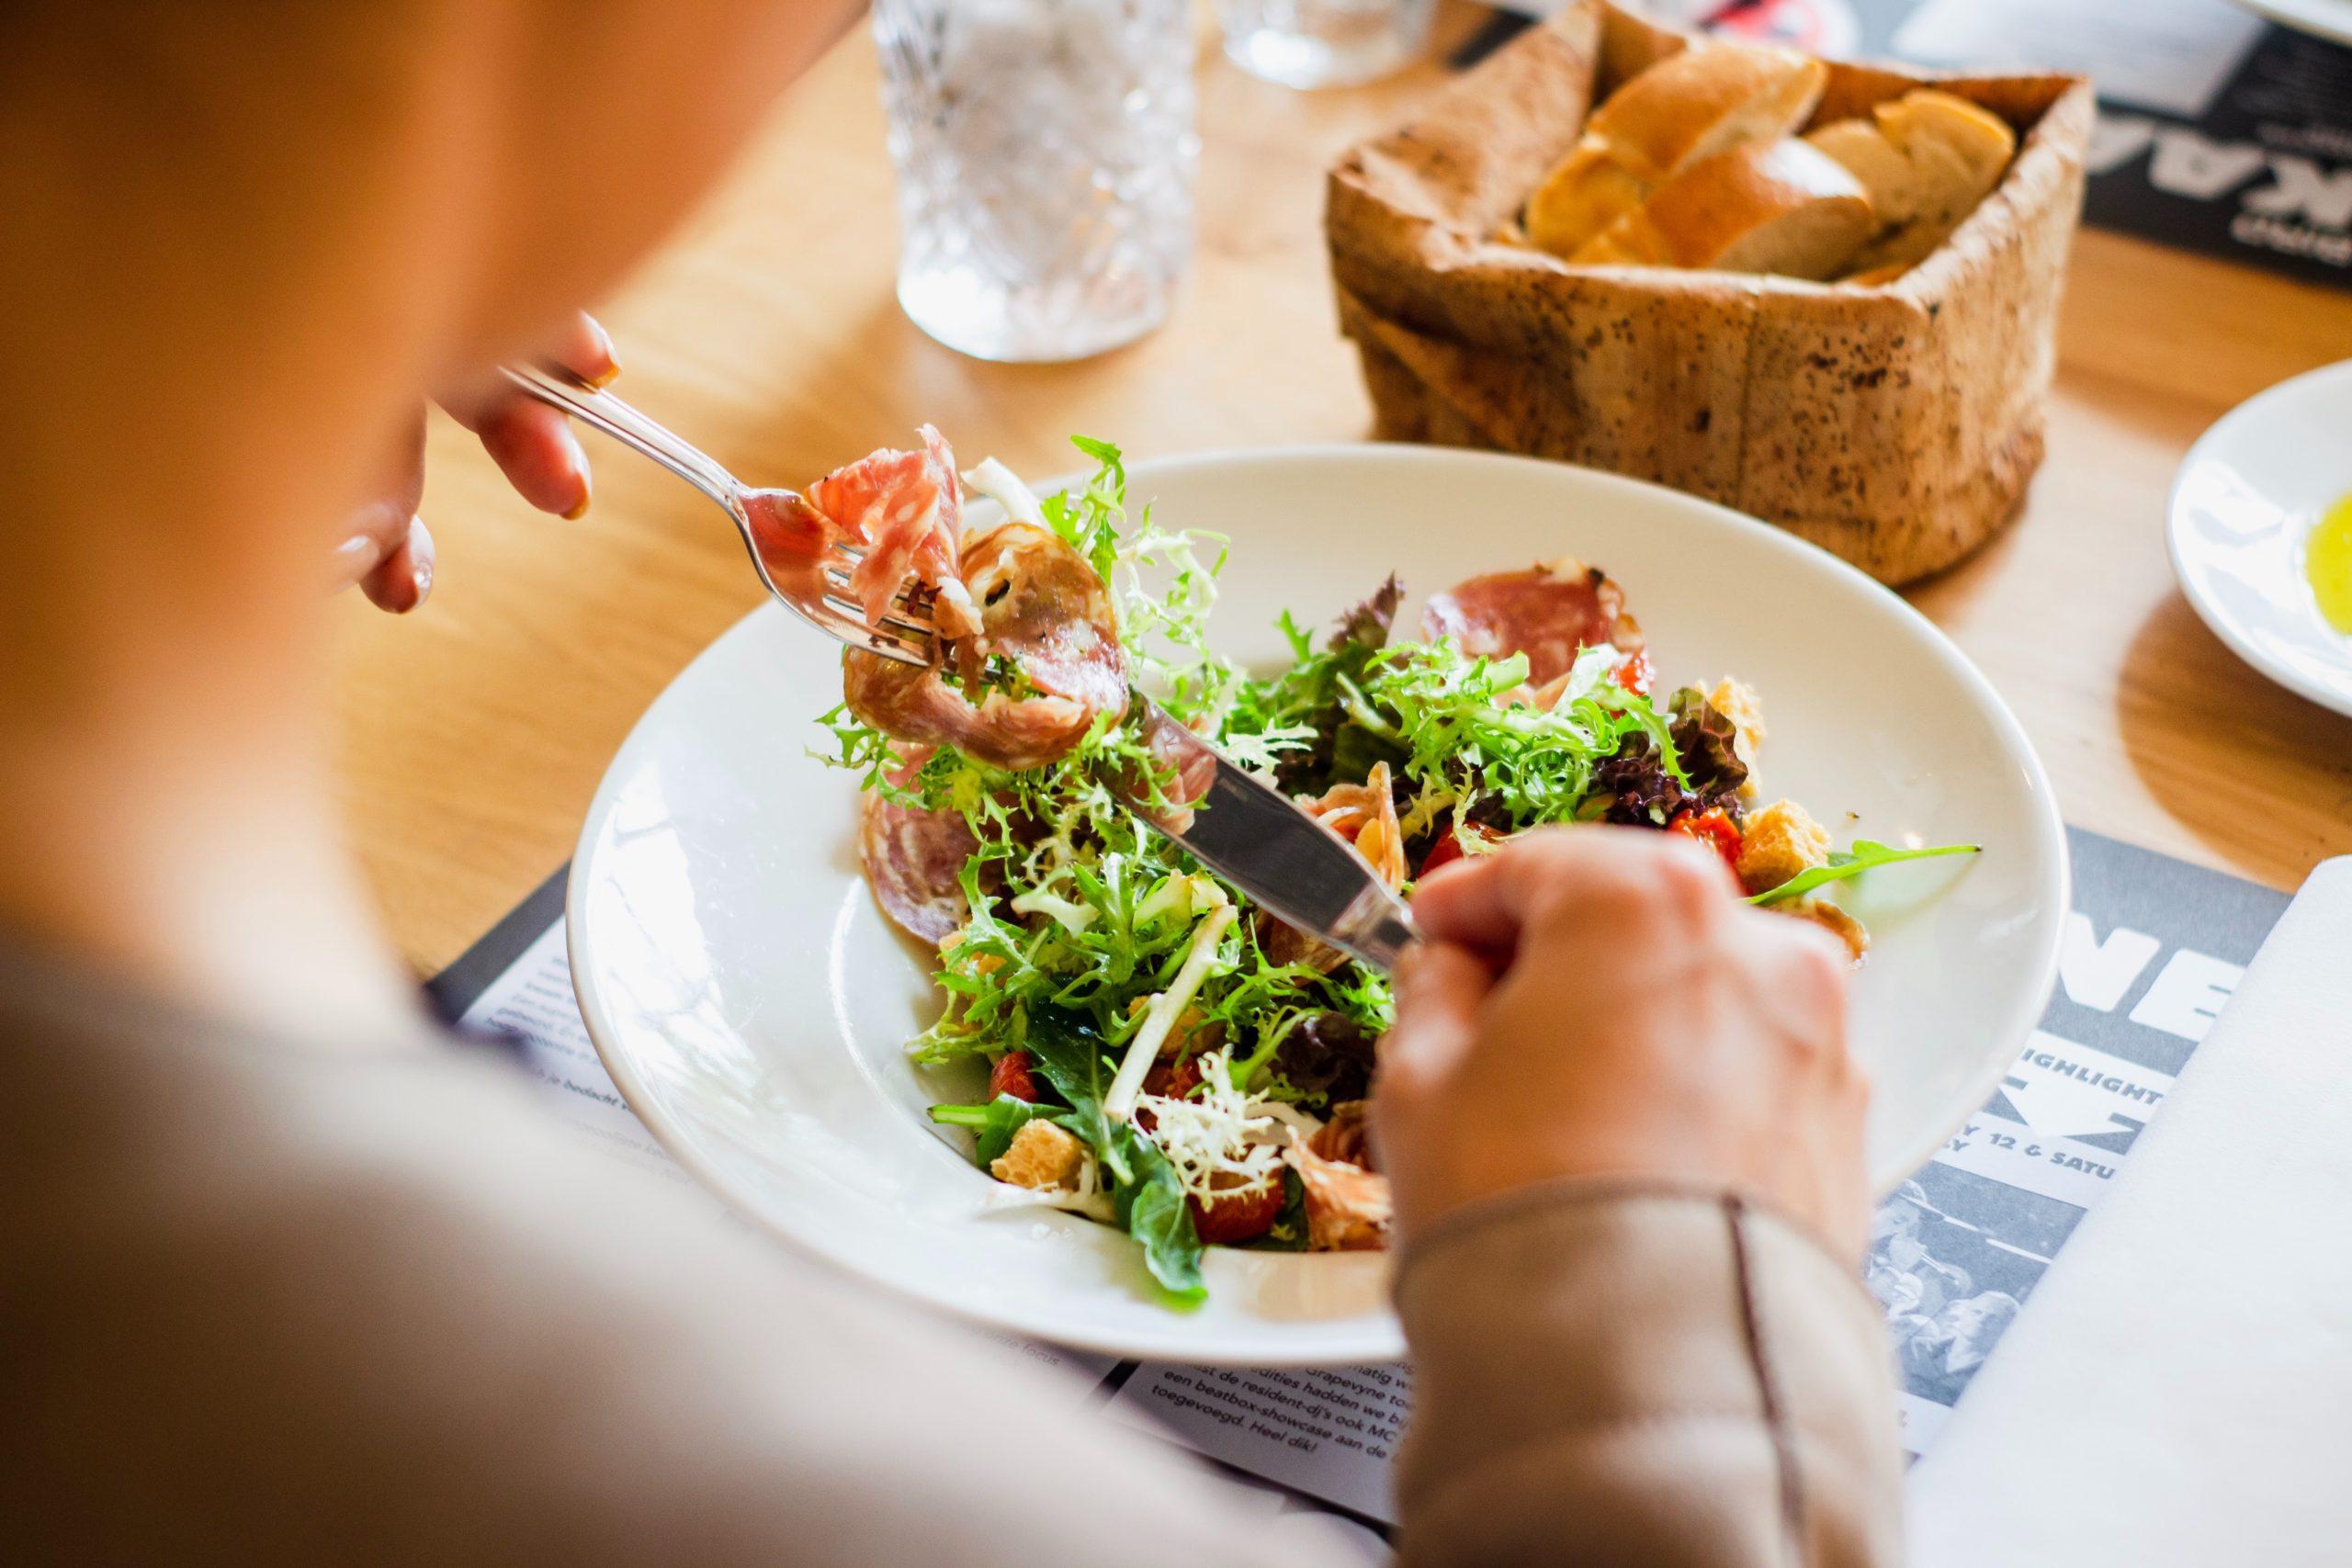 Frau isst Salat während der Diät